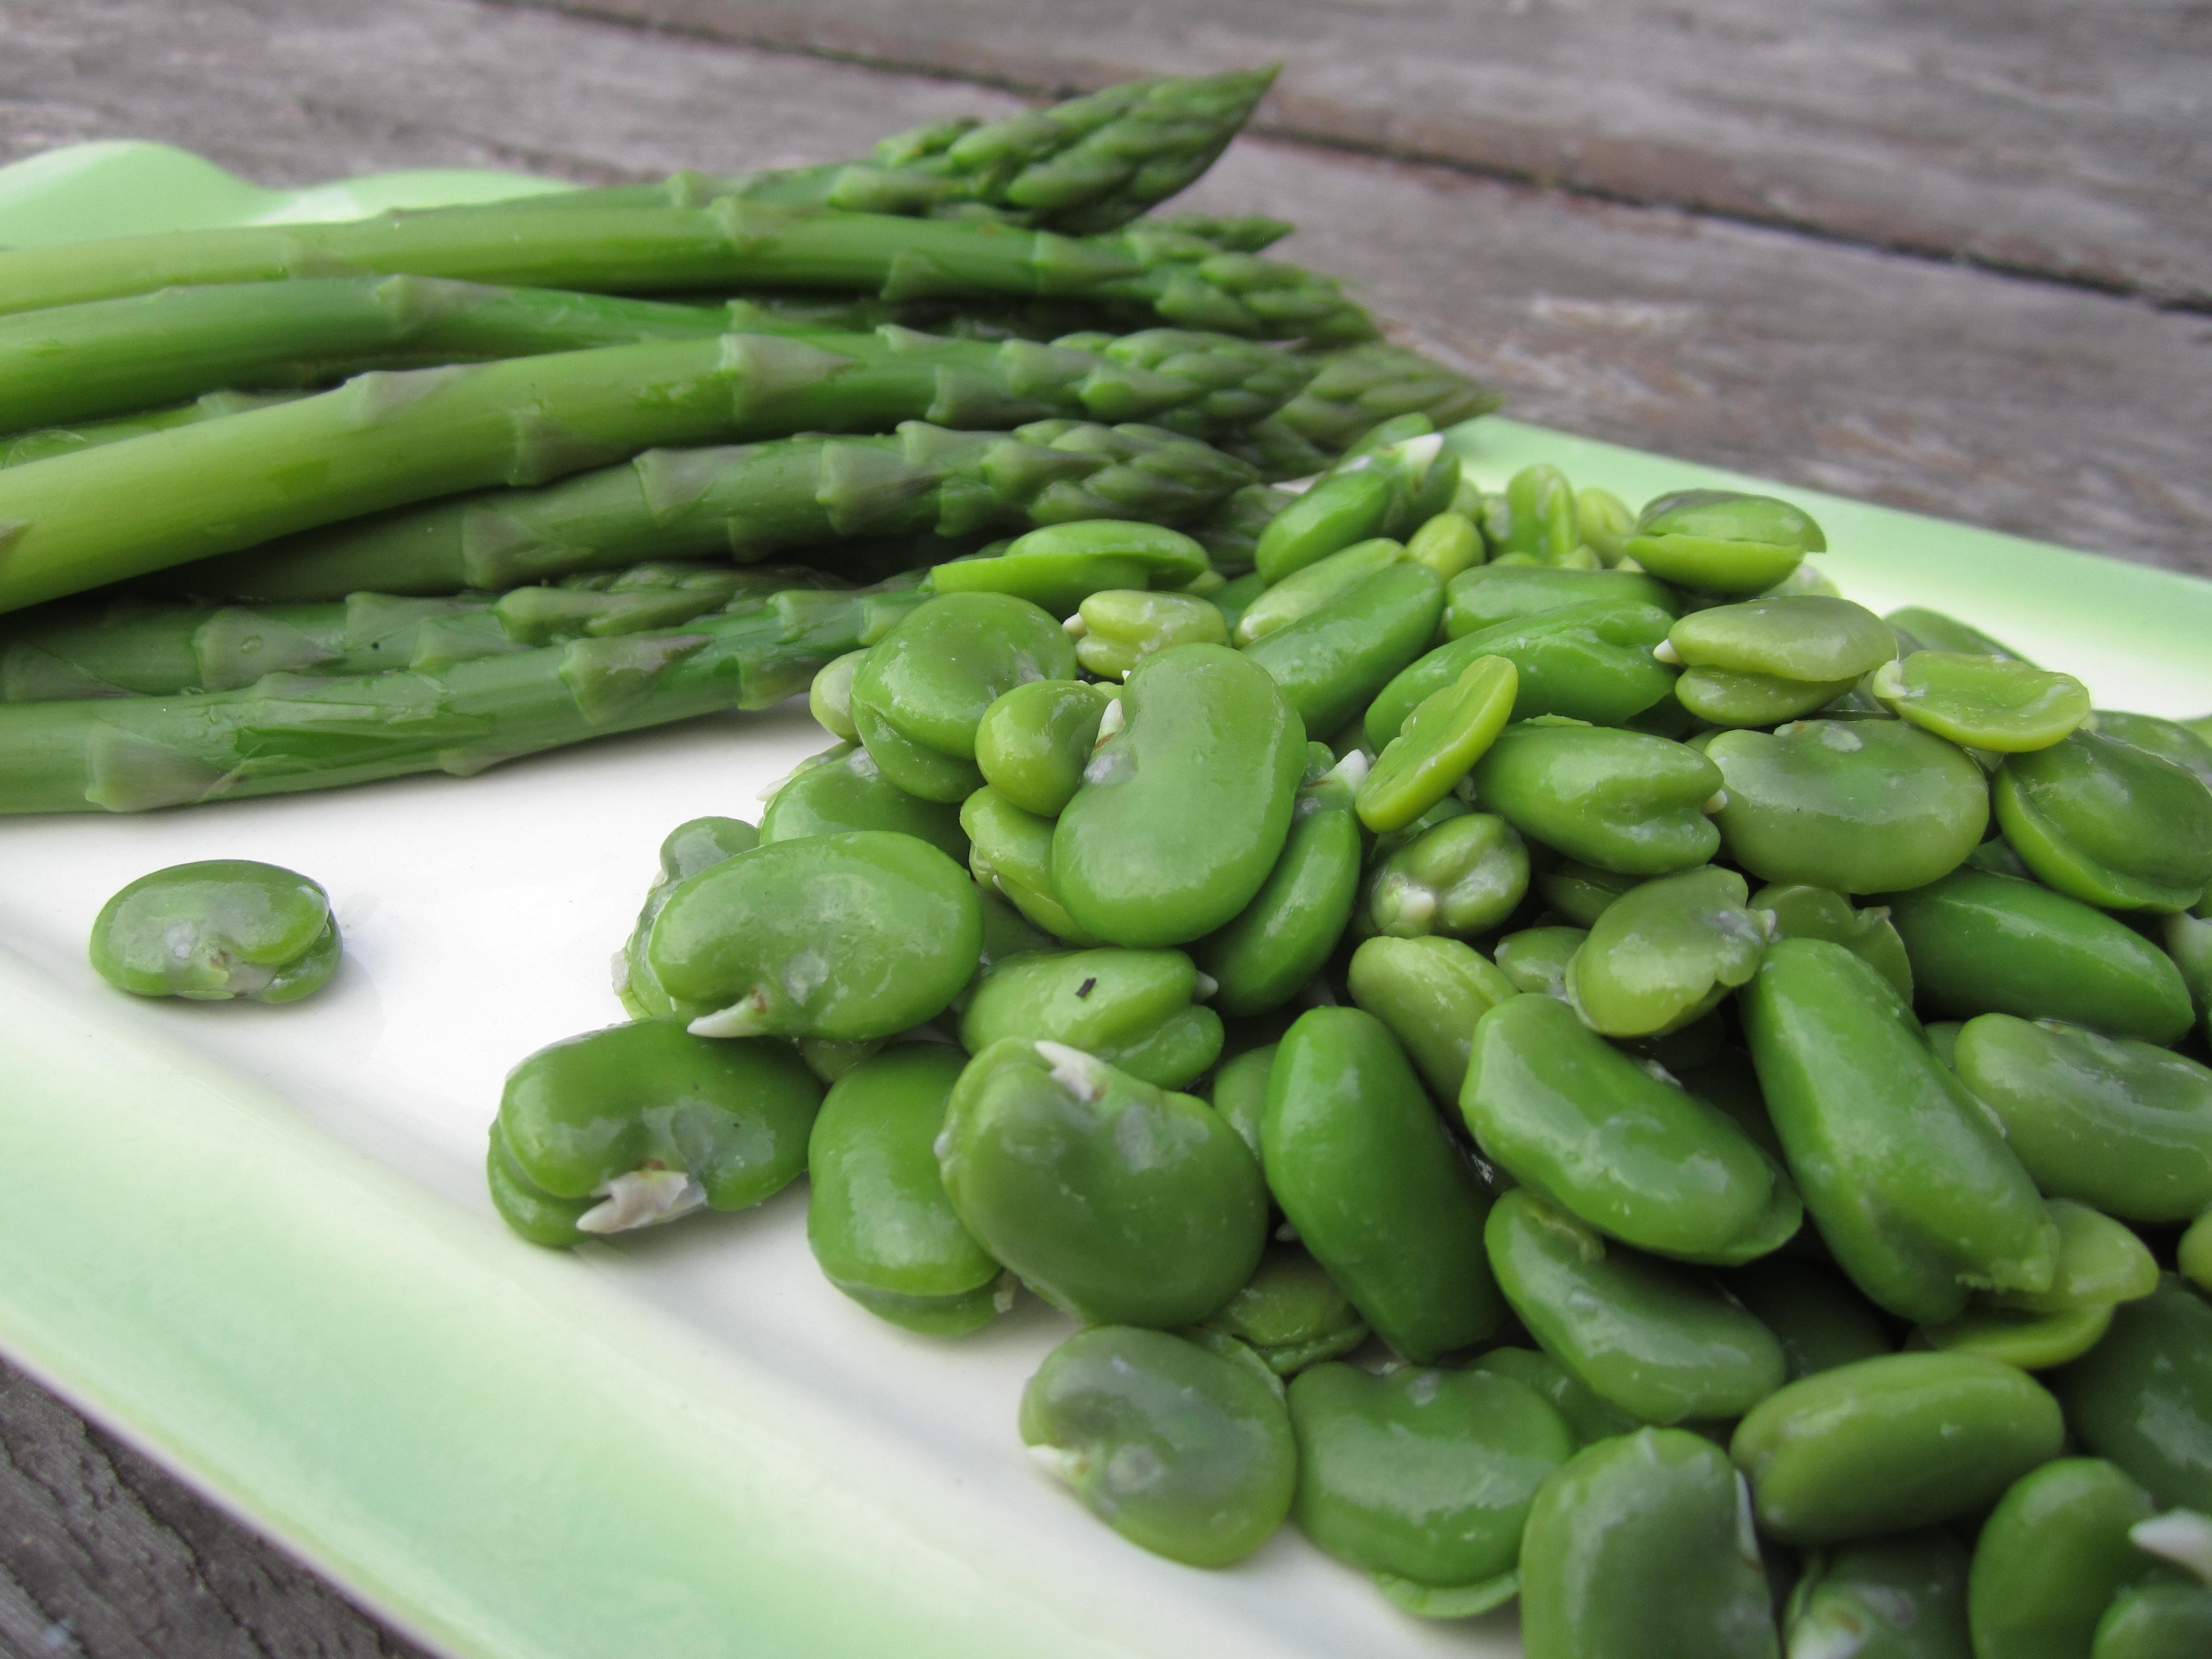 dubbel-gedopte tuinbonen en groene asperges